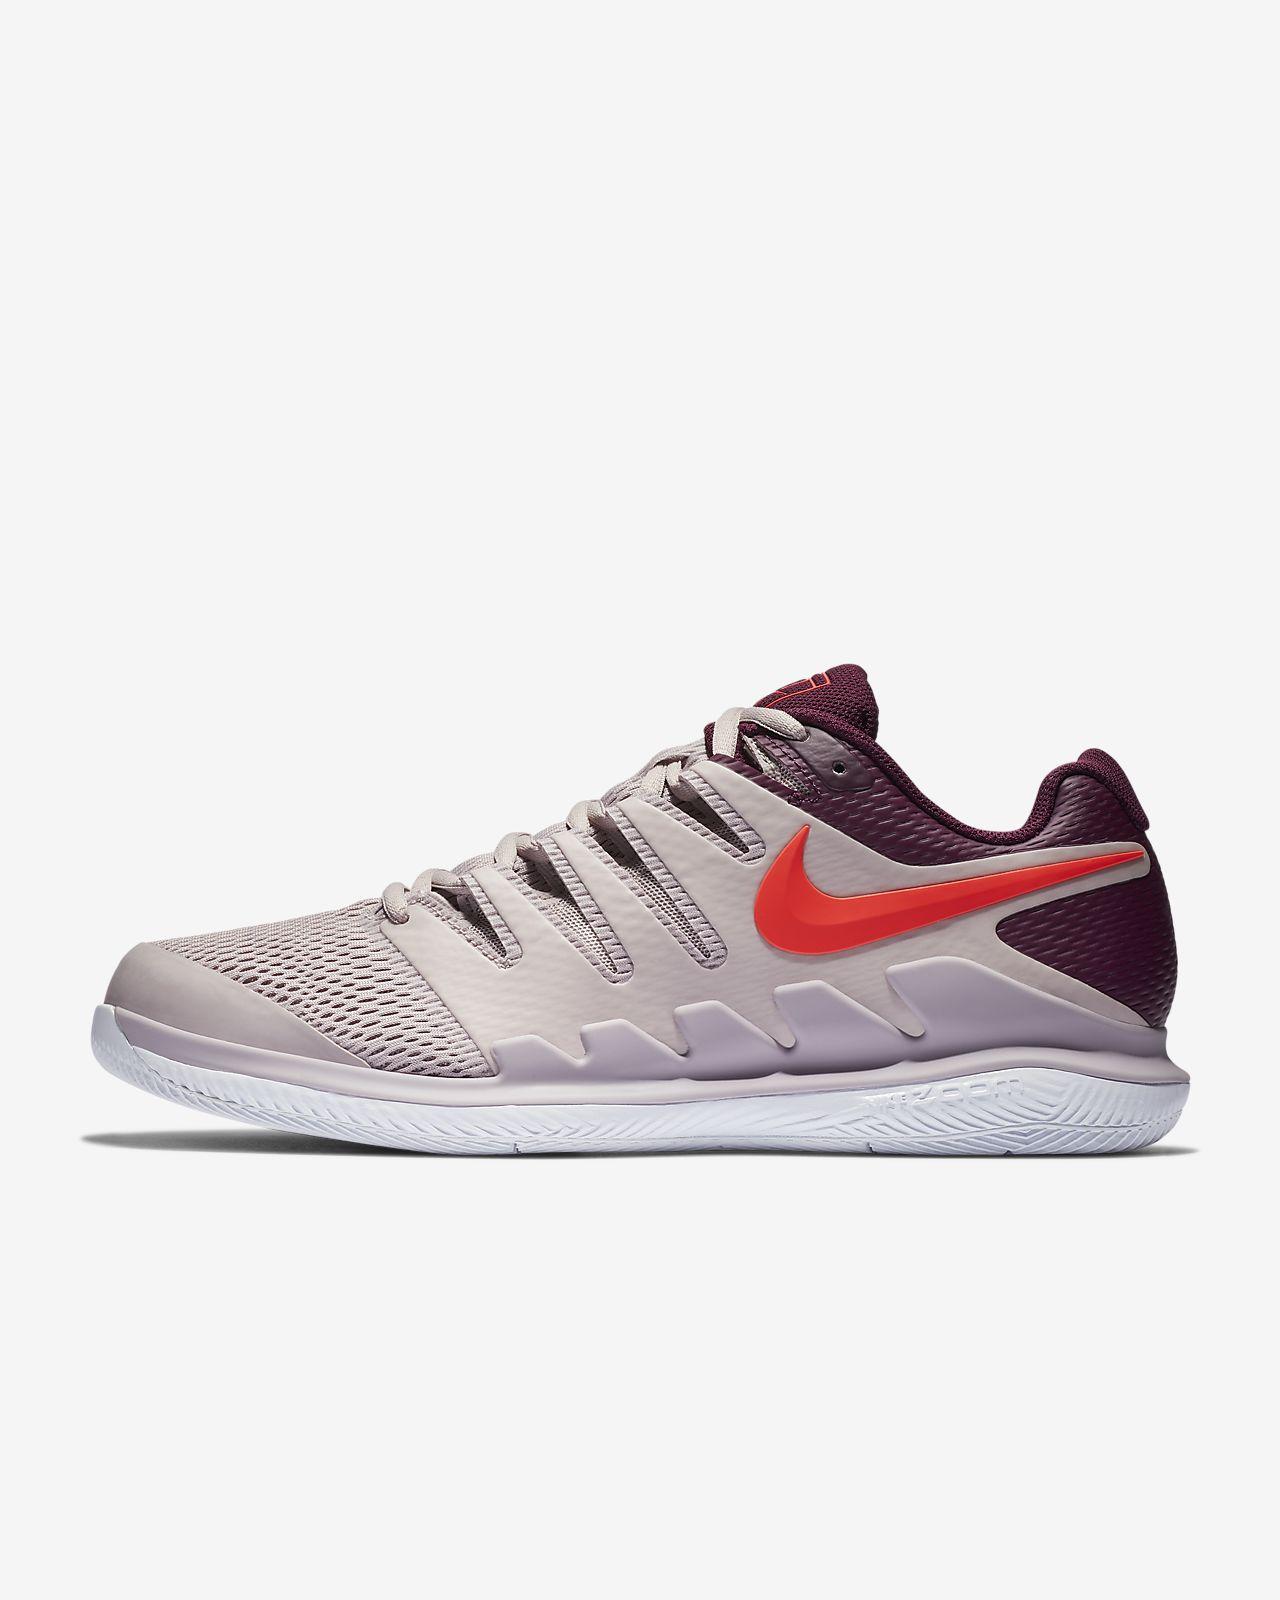 newest be748 afbcf ... Chaussure de tennis pour surface dure NikeCourt Air Zoom Vapor X pour  Homme